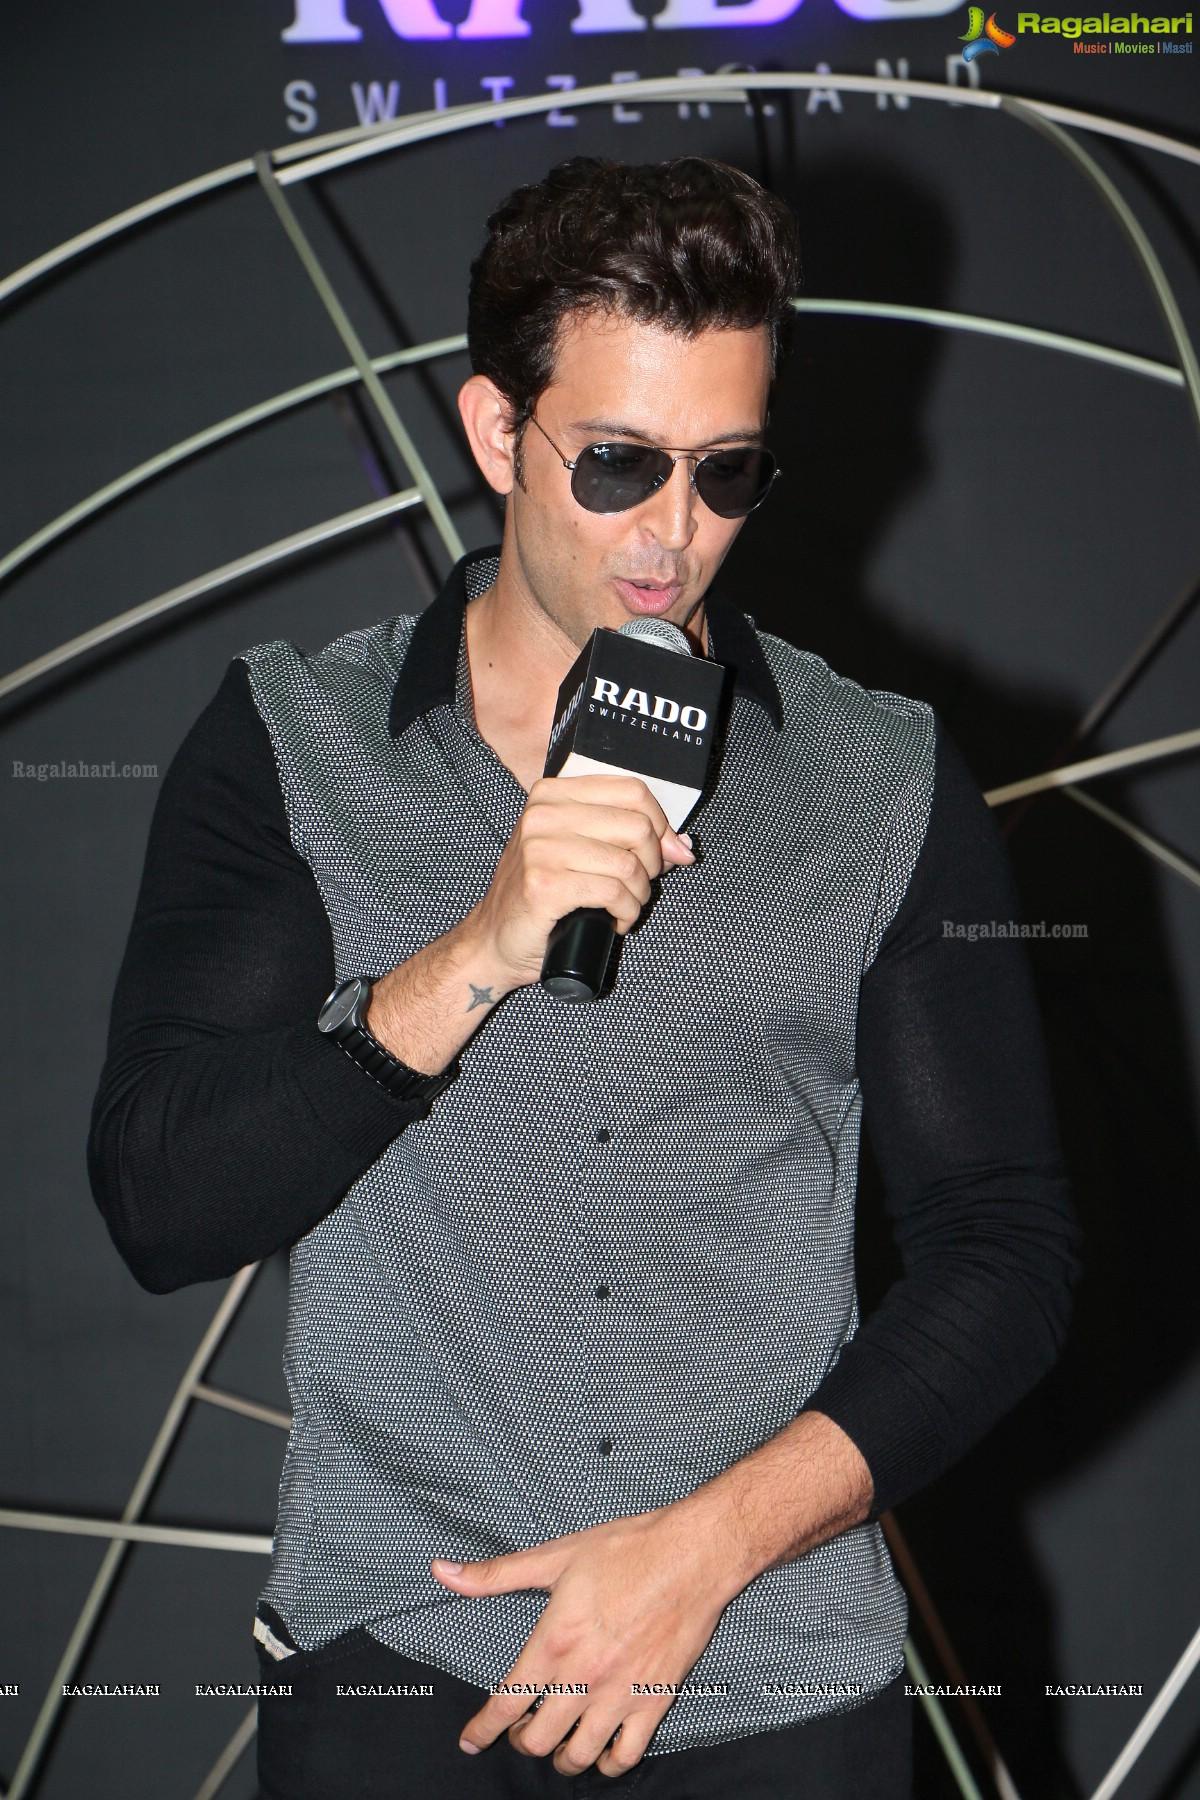 hrithik roshan image 48 latest tollywood actor photos photoshoot